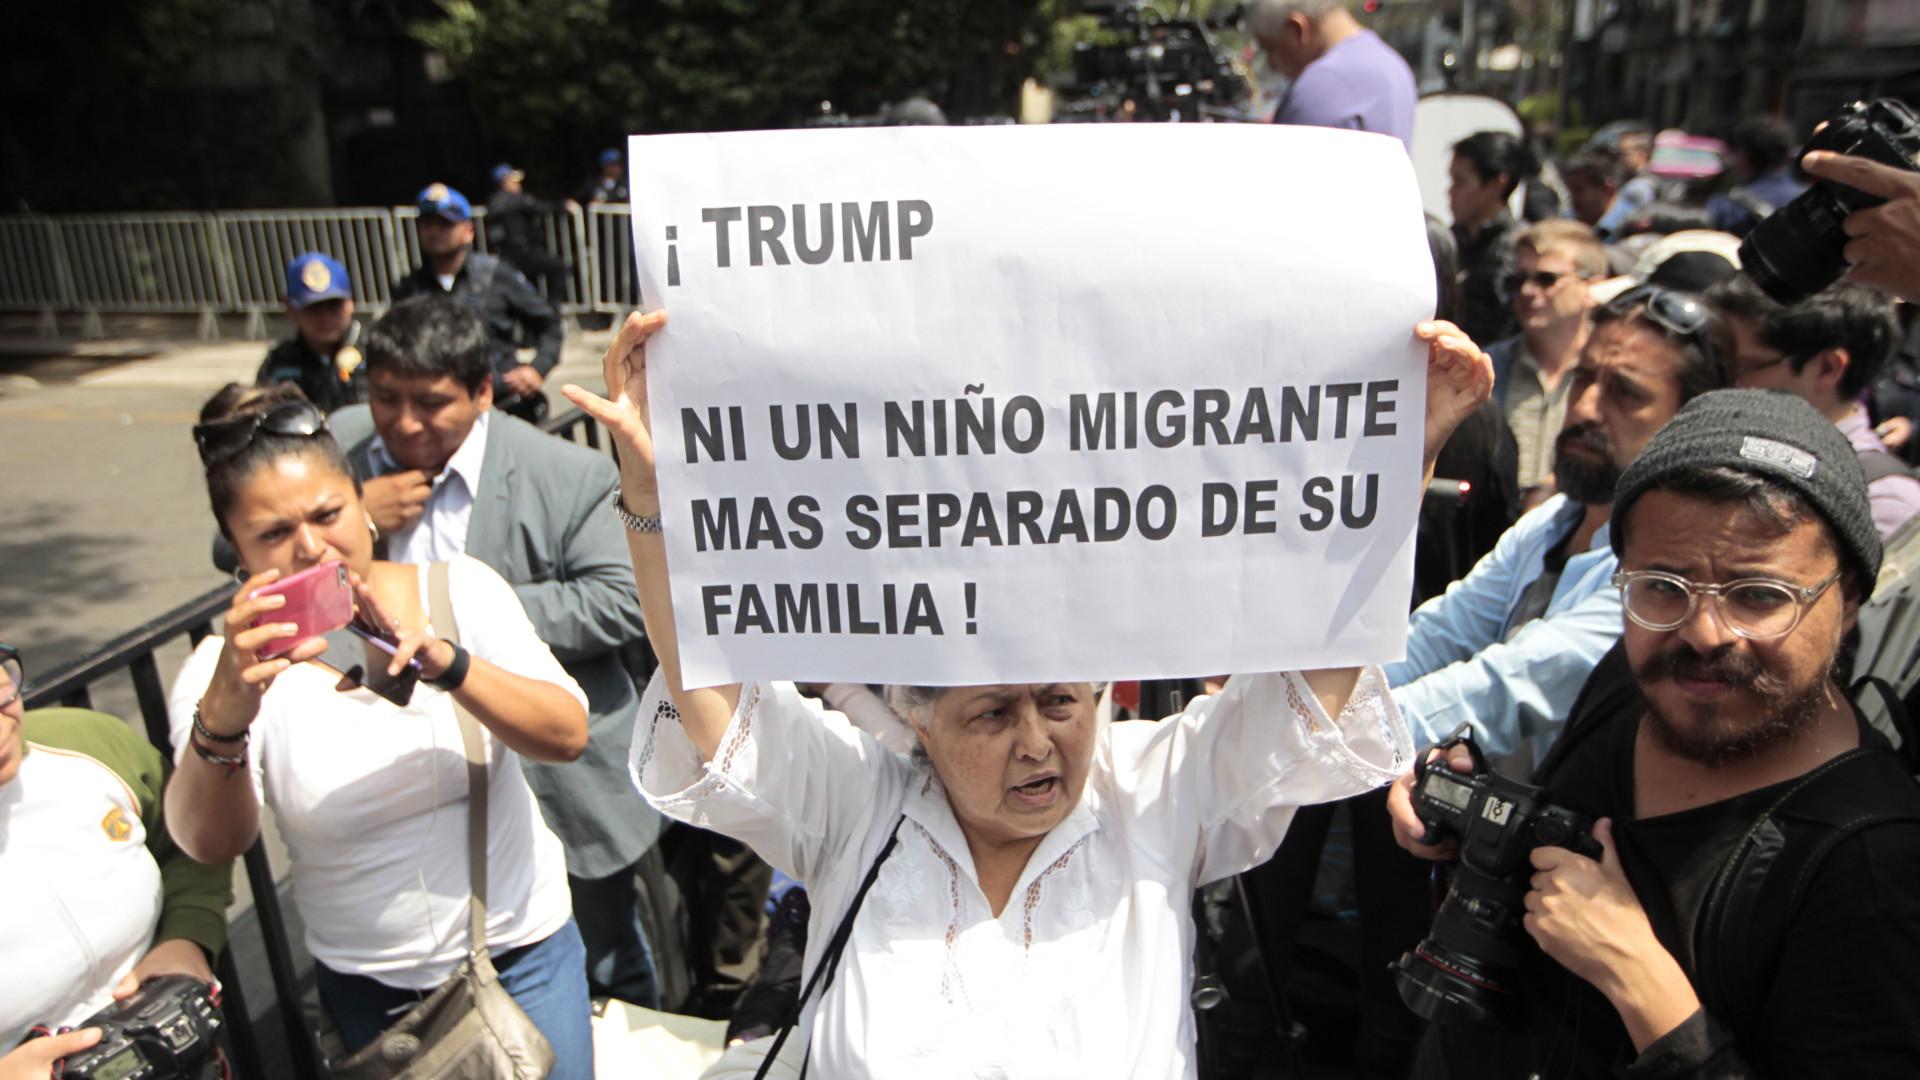 Presidente do México pede aos EUA reunião das famílias separadas